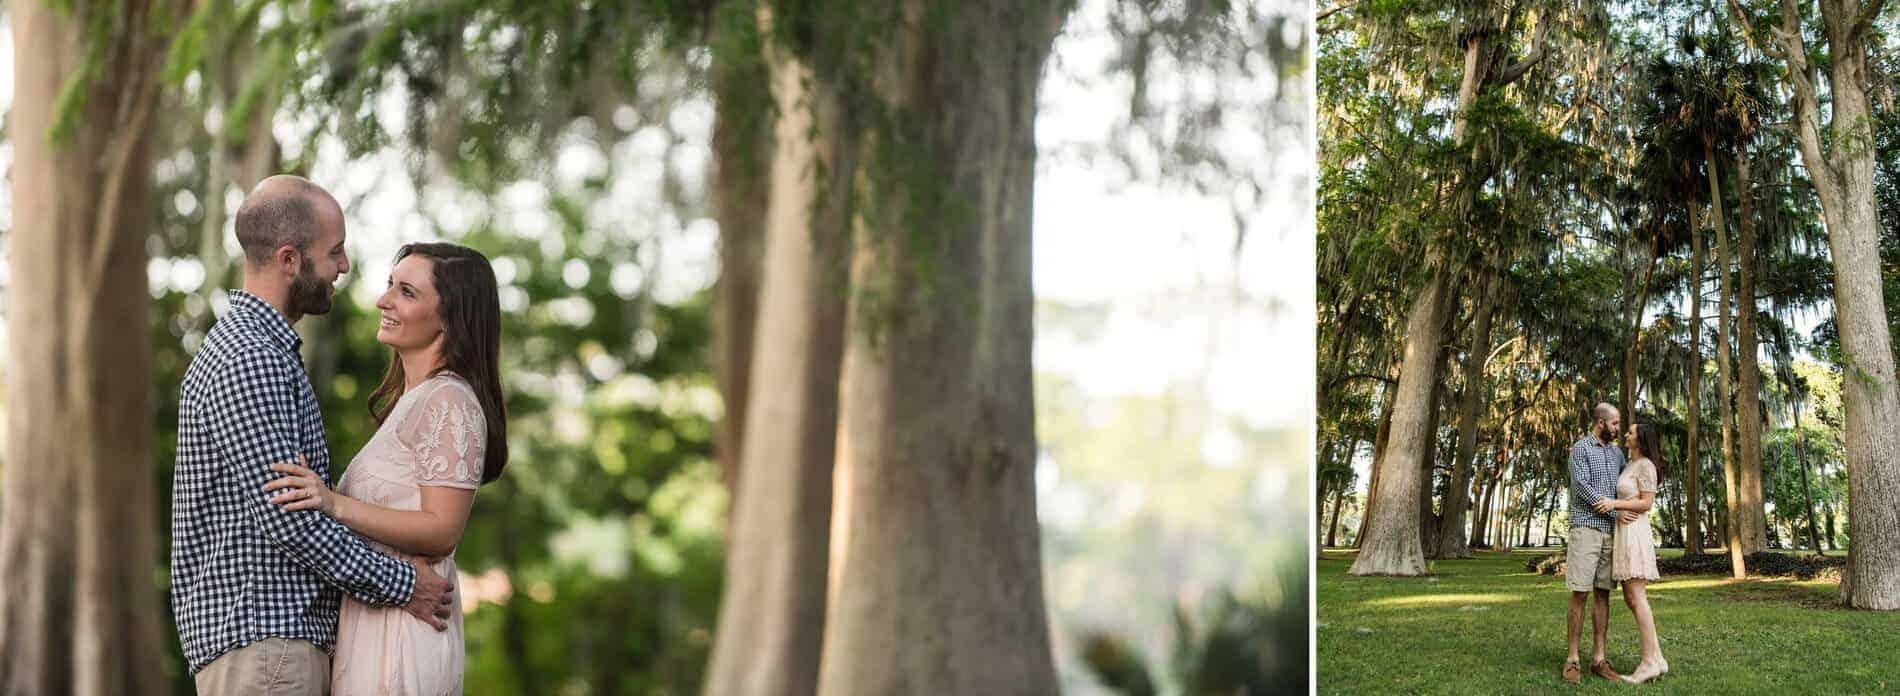 Engaged couple at Kraft Azalea Park by the tall trees